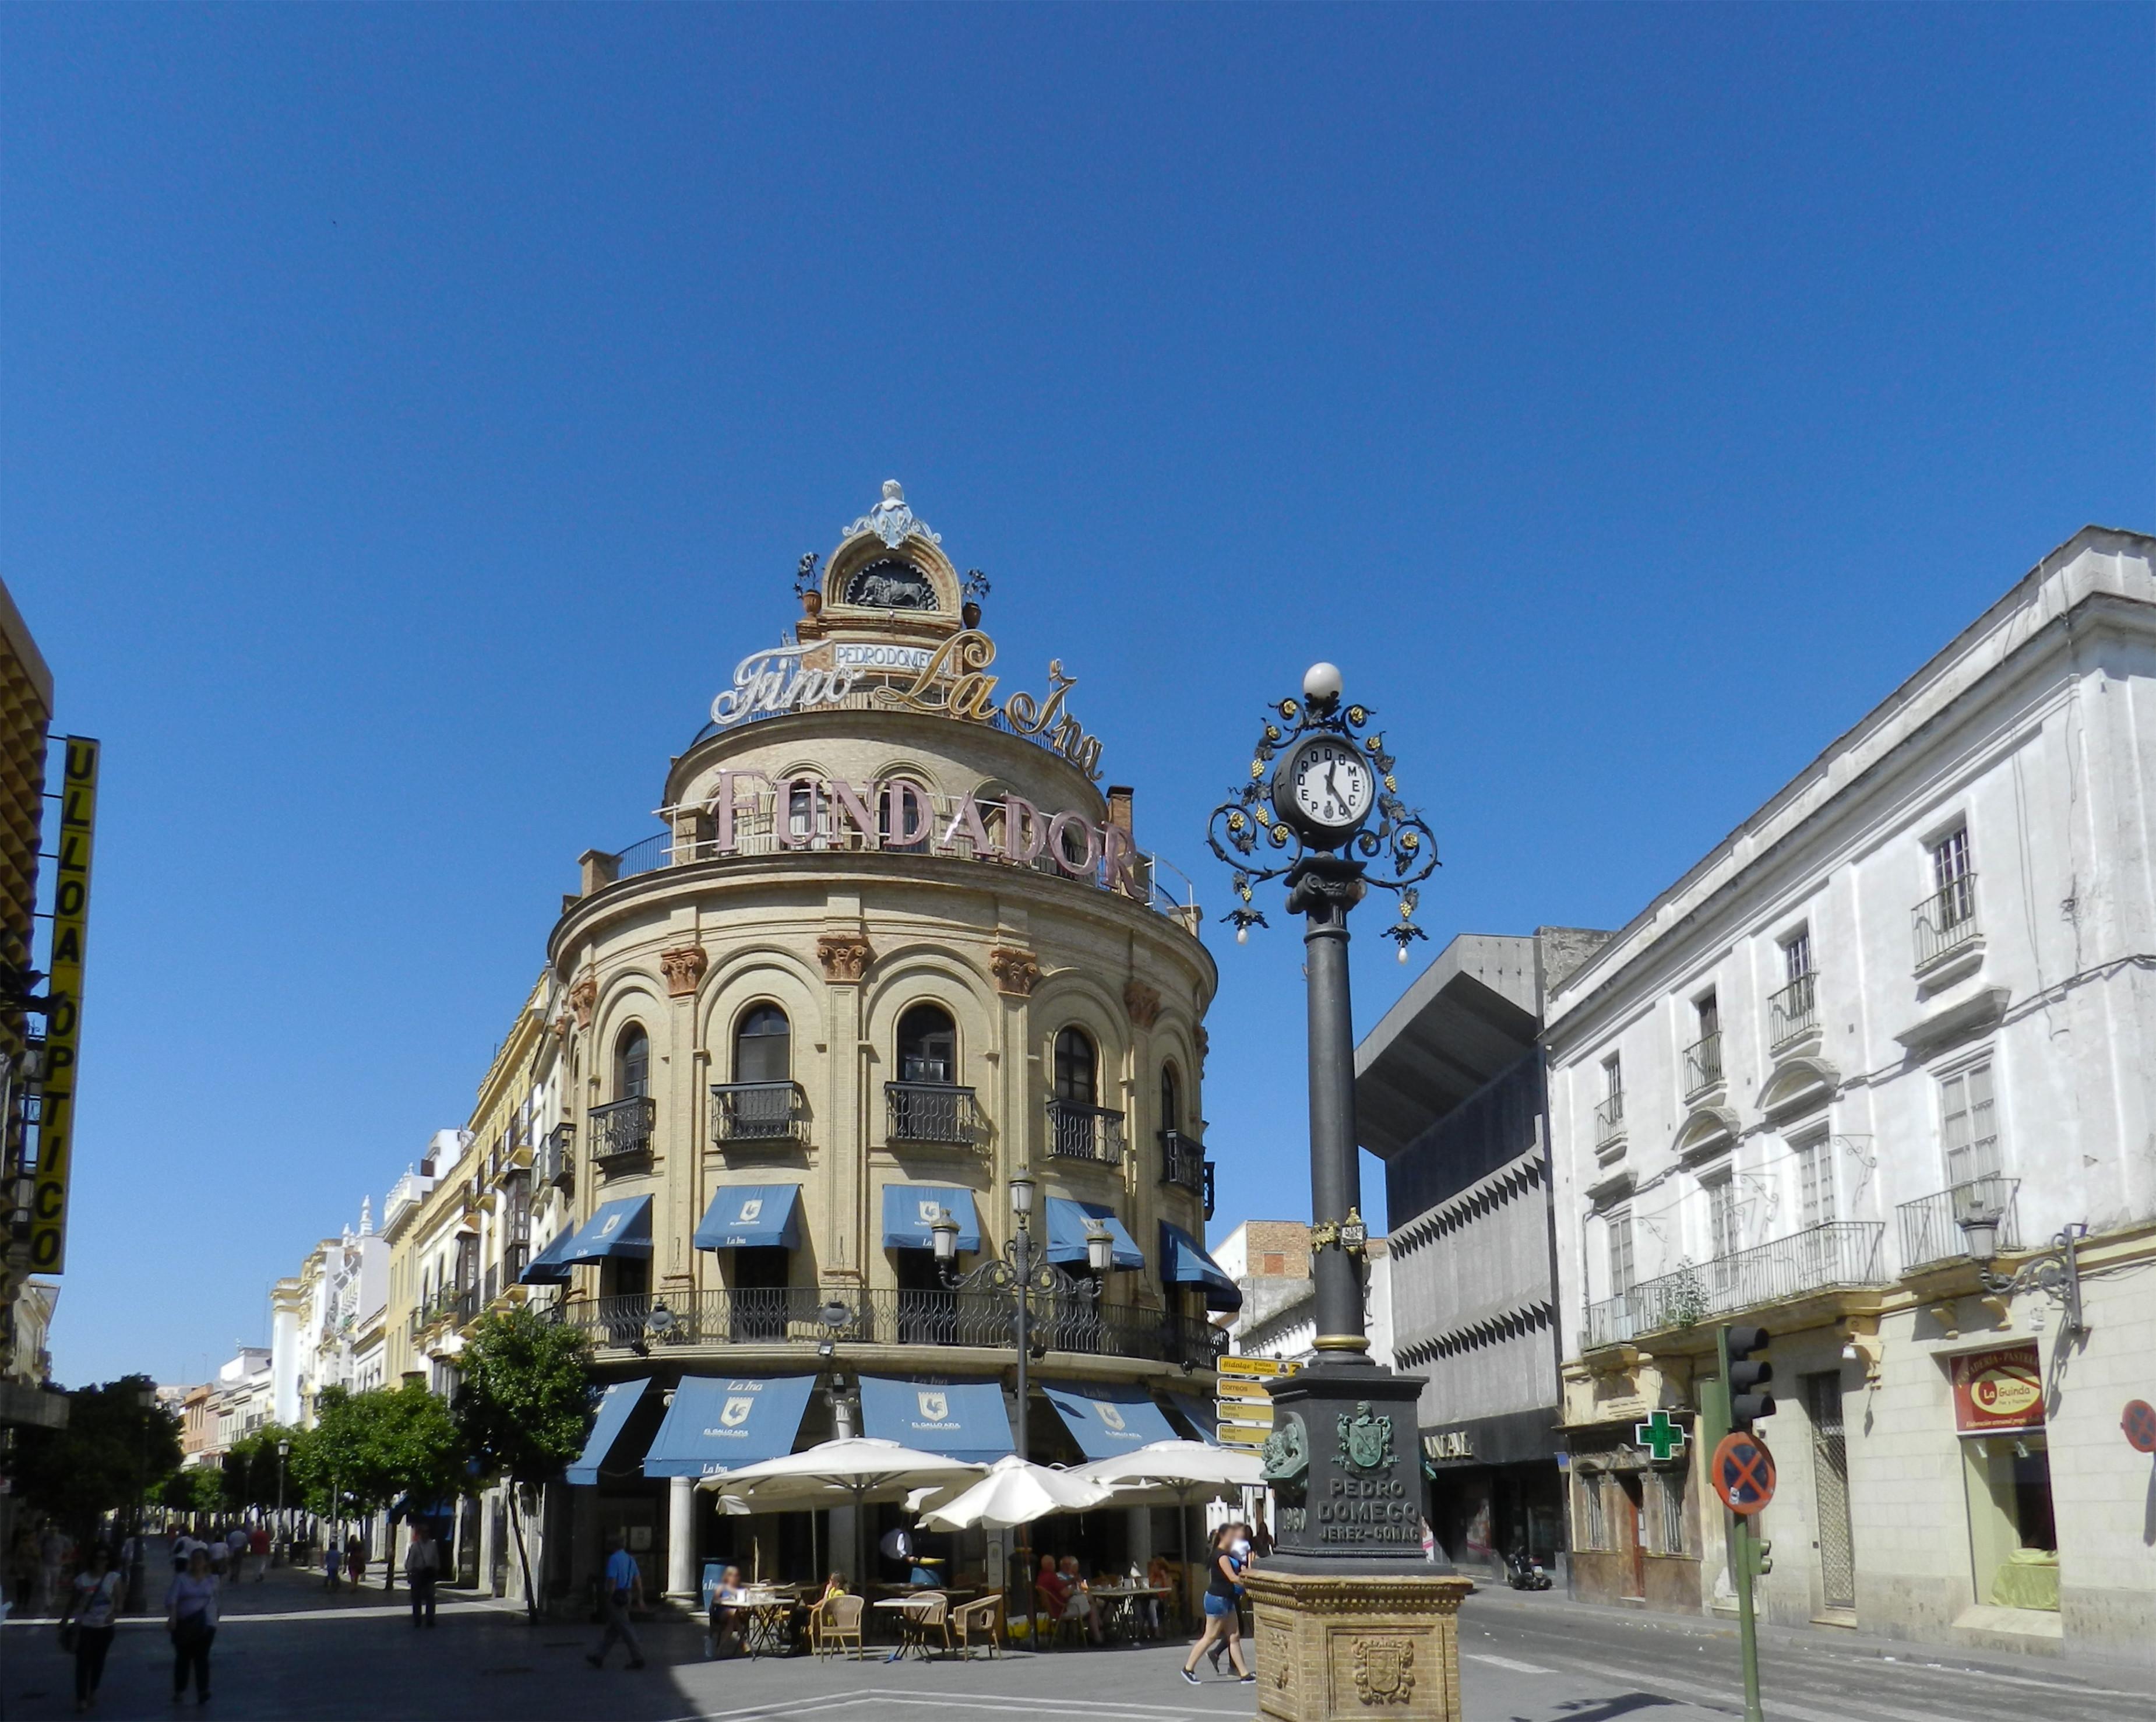 El Gallo Azul edificio historico Jerez de la Frontera Cadiz